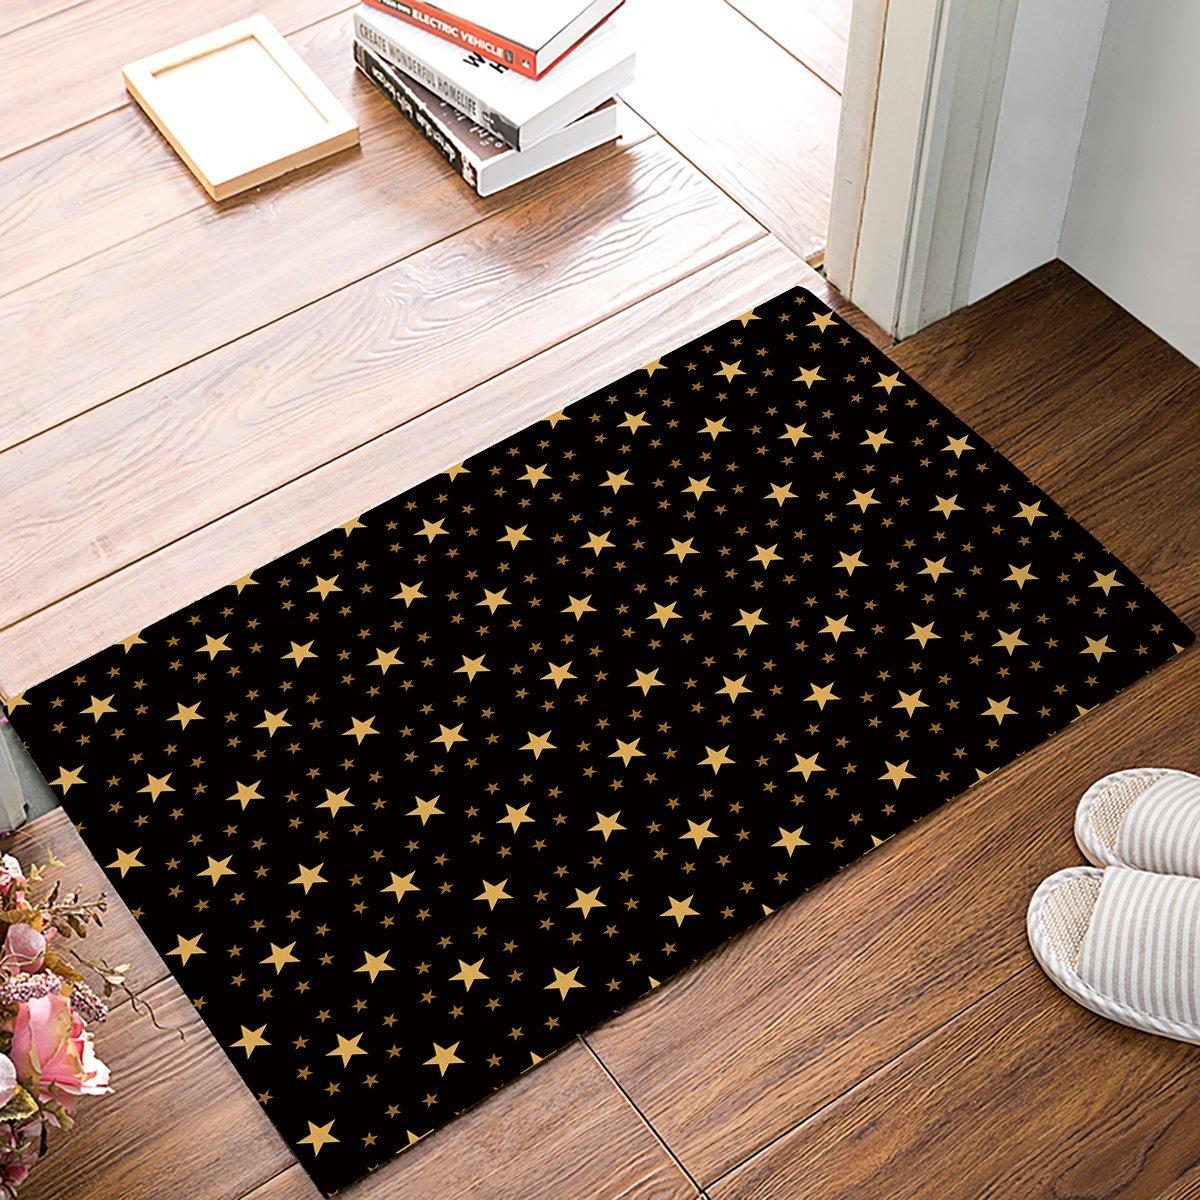 Black And Yellow Twinkle Star Door Mats Kitchen Floor Bath ...